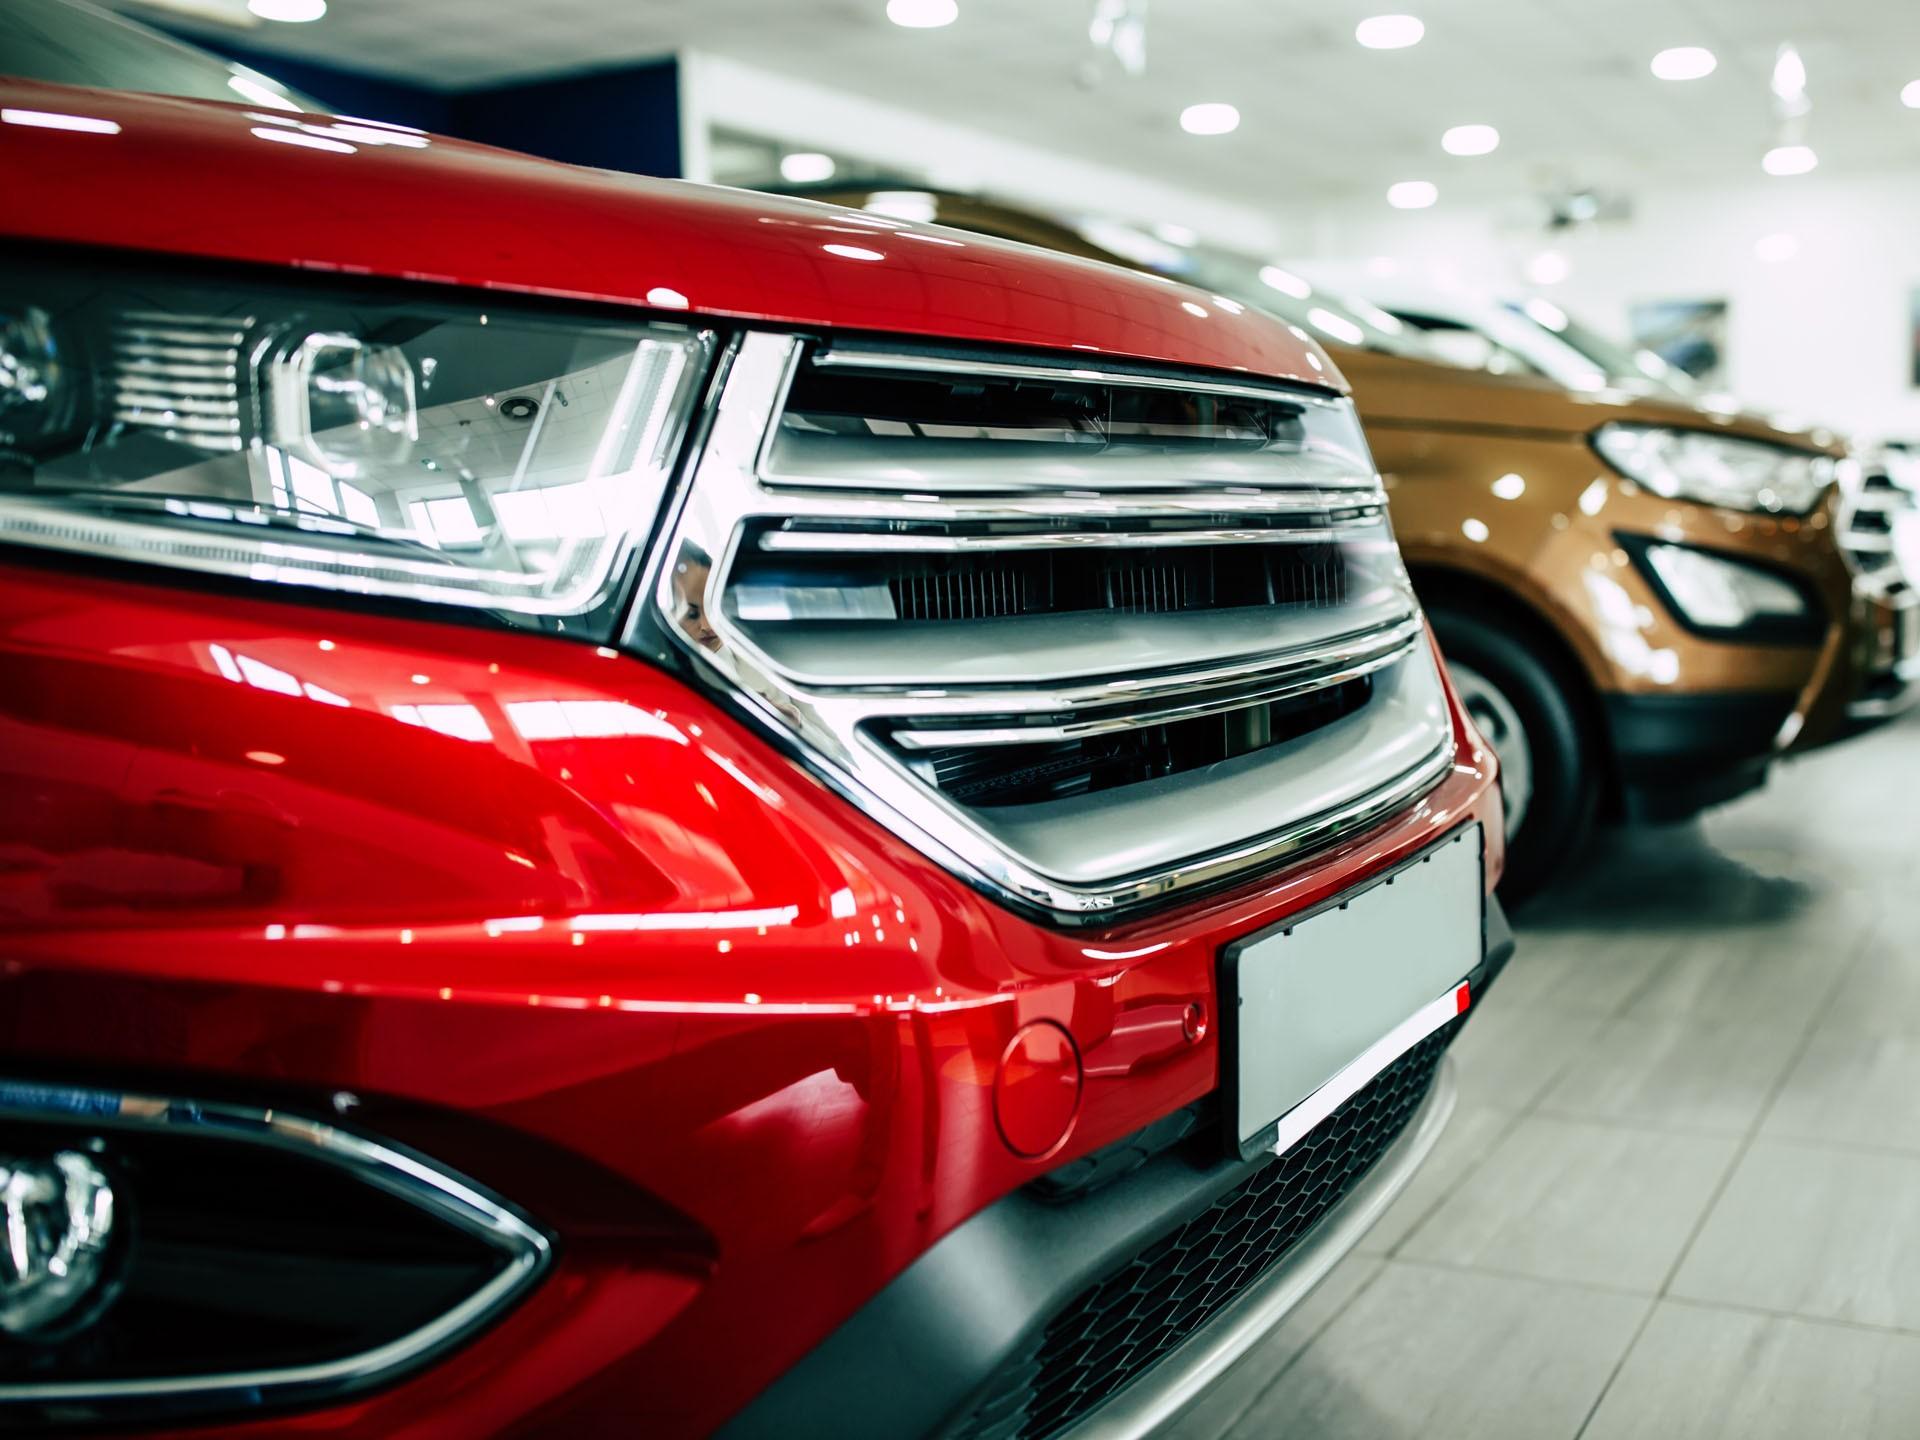 Авито Авто: эксперты назвали самые популярные кроссоверы и внедорожники на вторичном рынке